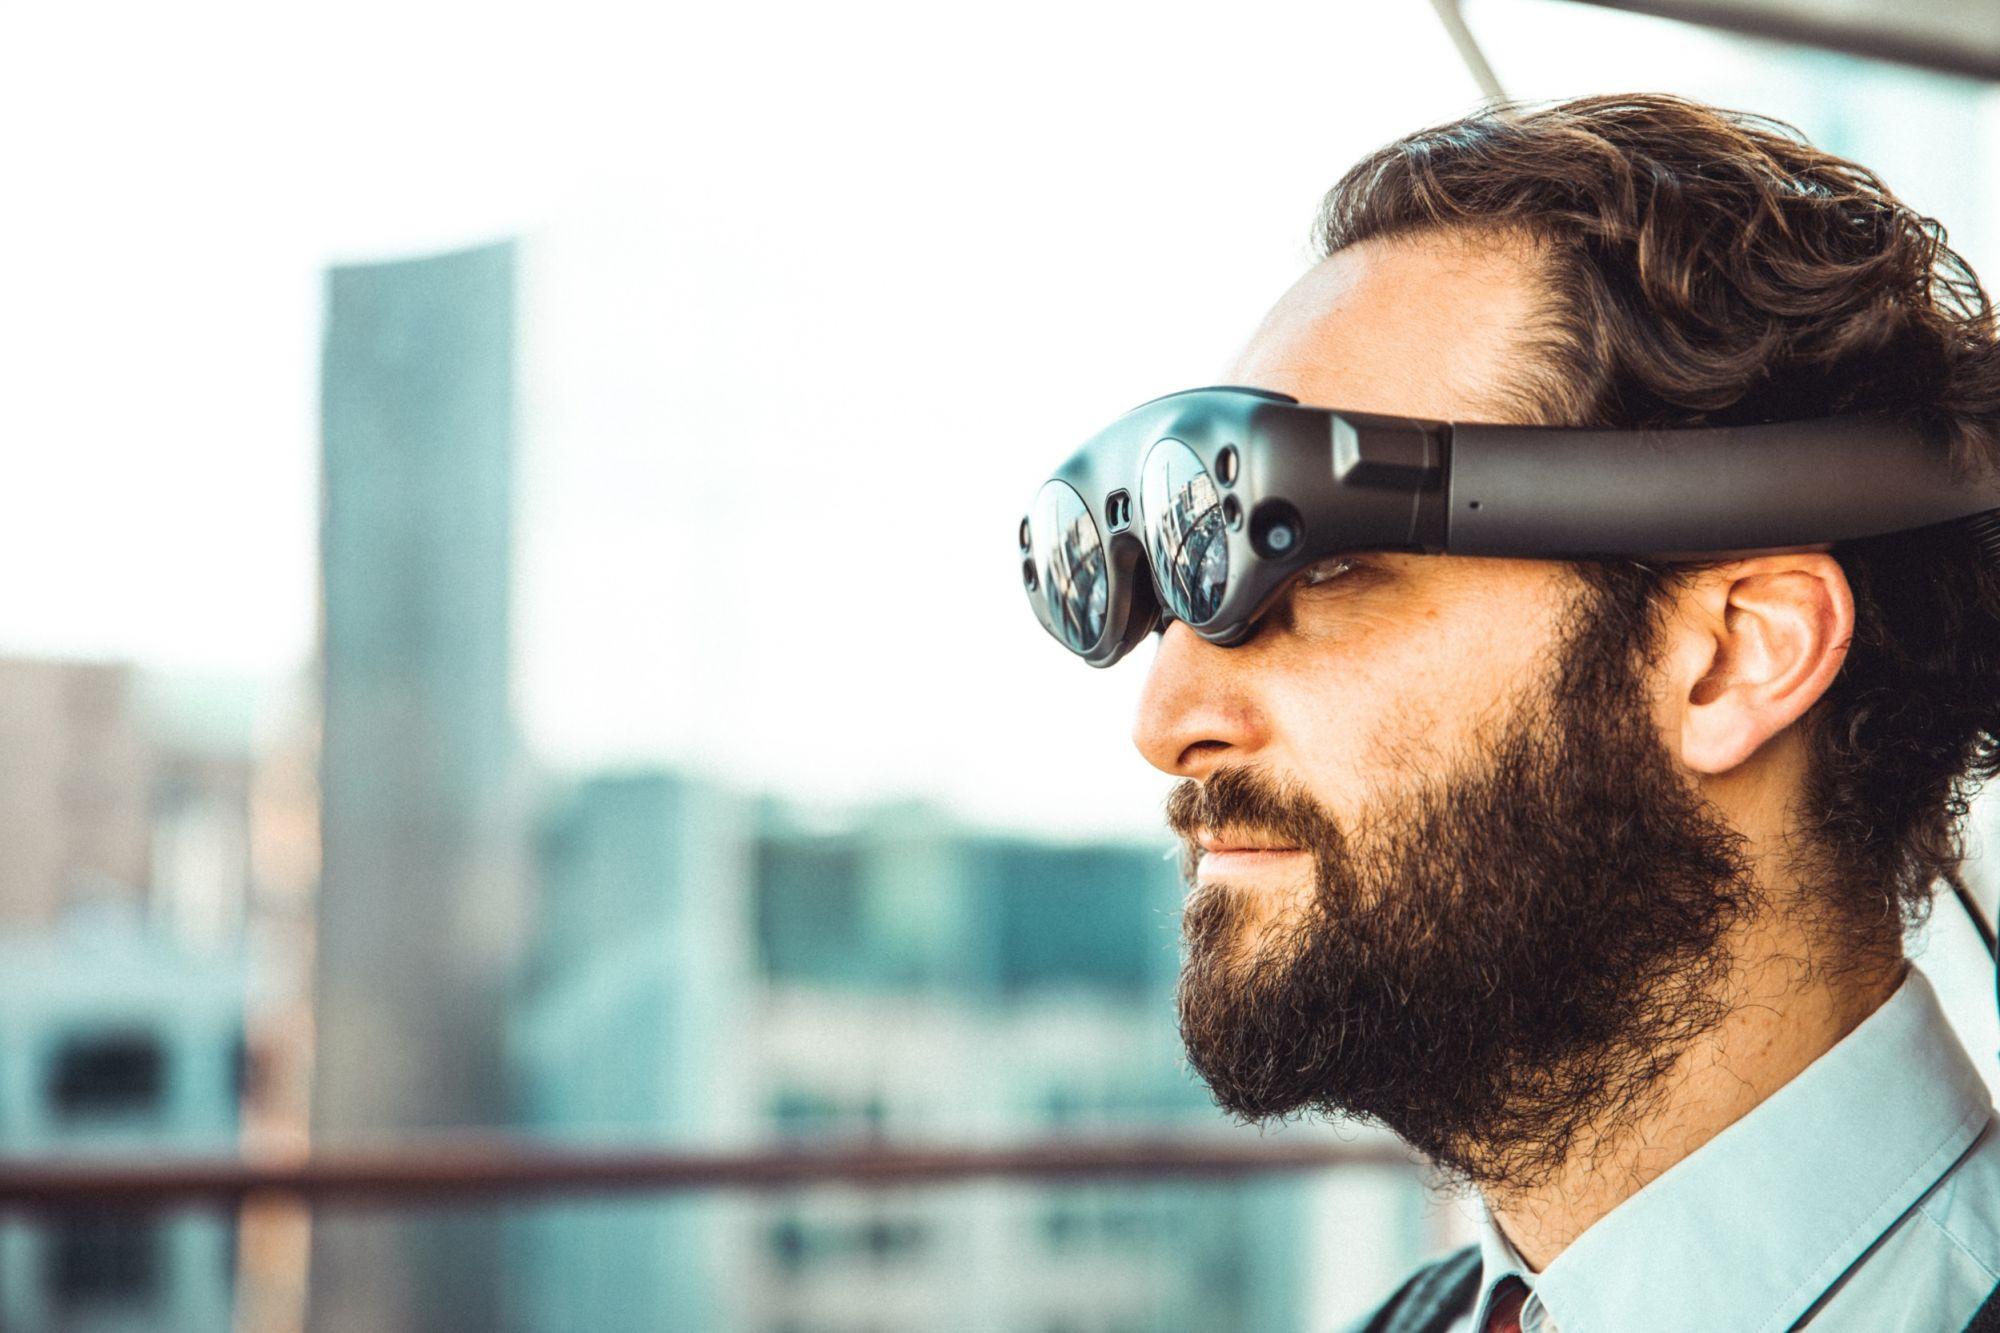 Las 'gafas del futuro' son una realidad: Facebook y Ray-Ban se encargaron de diseñarlas